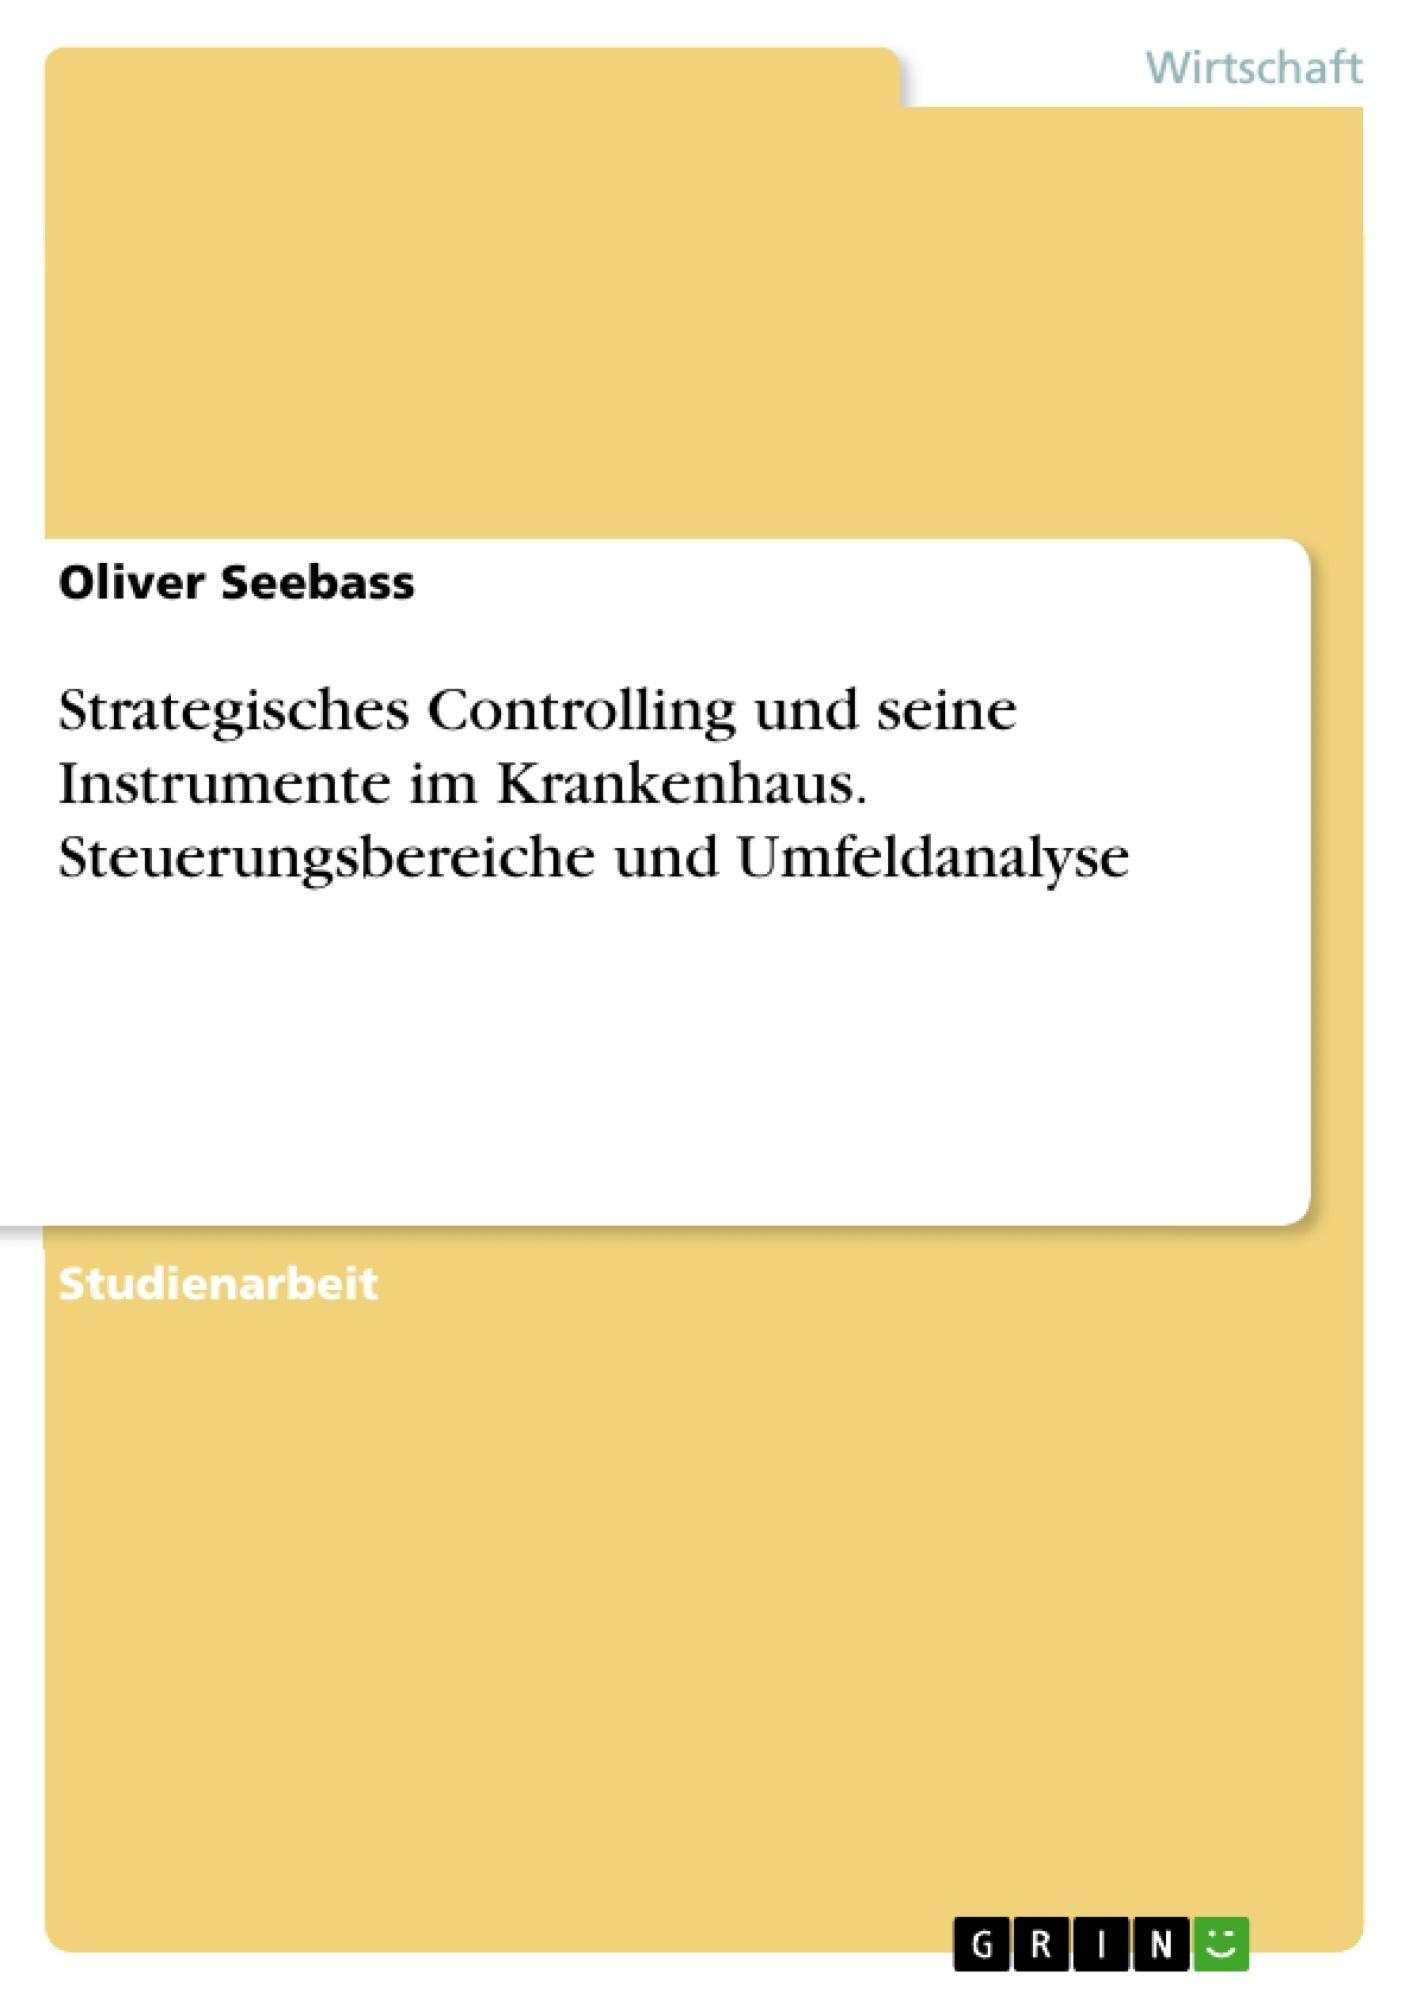 Titel: Strategisches Controlling und seine Instrumente im Krankenhaus. Steuerungsbereiche und Umfeldanalyse